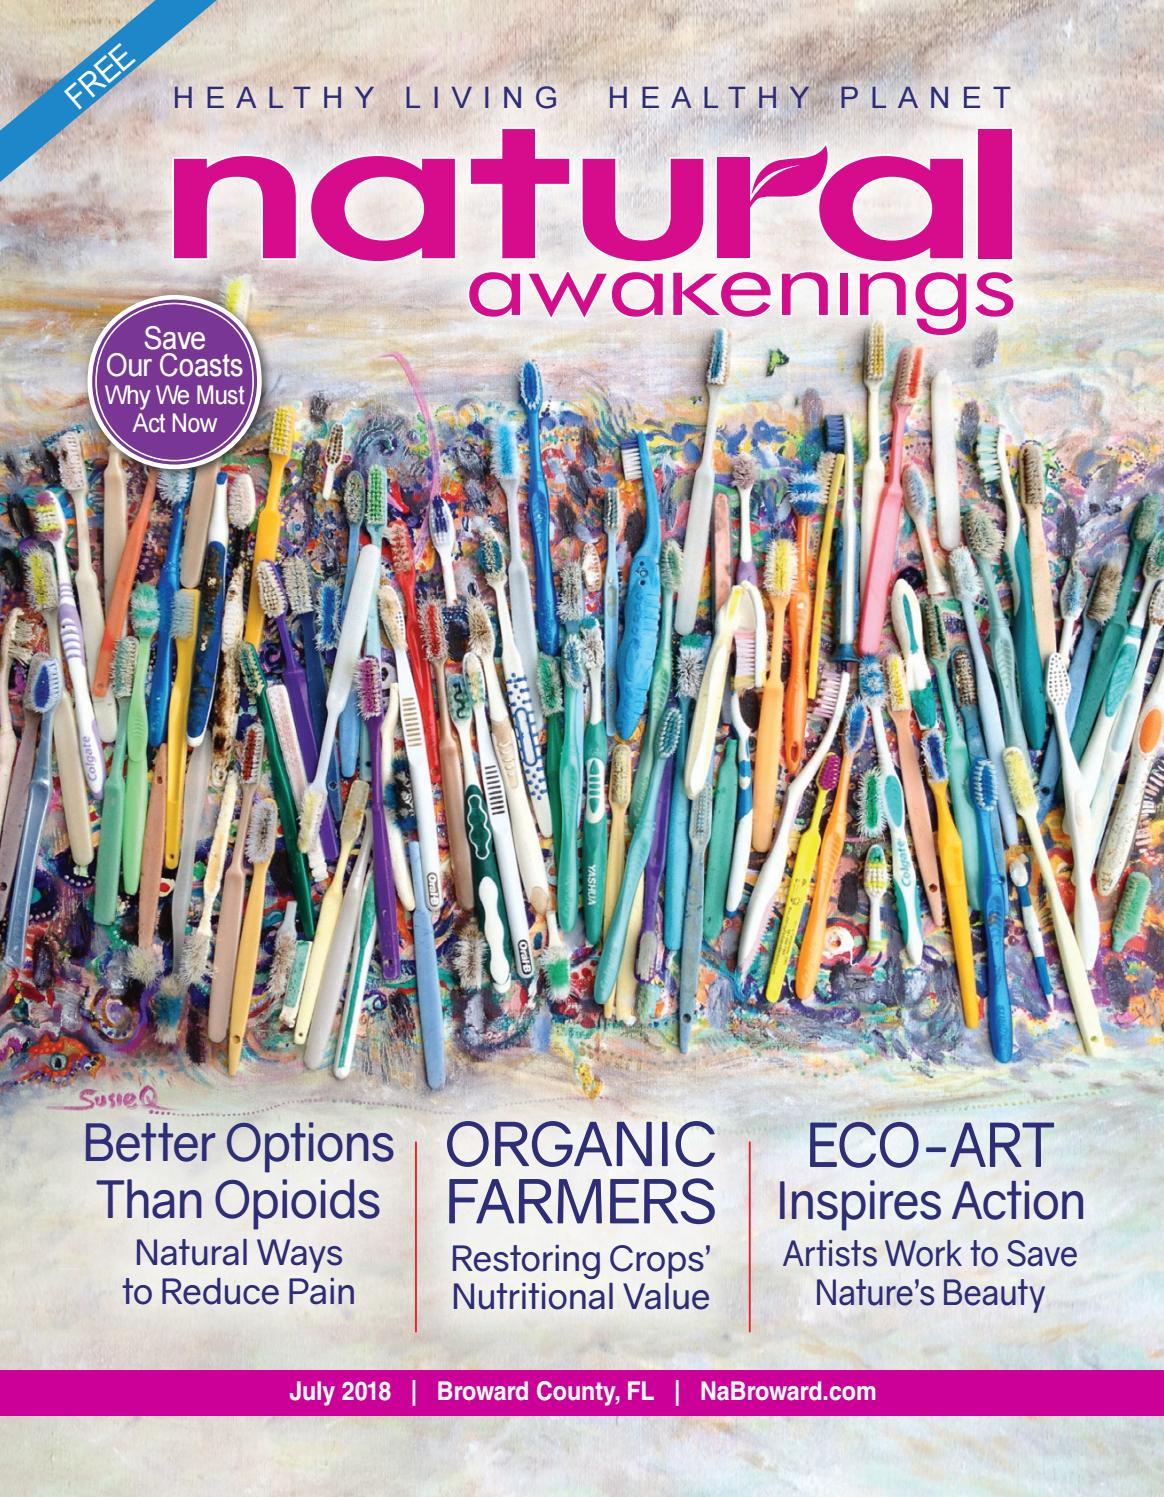 Natural Awakenings Magazine by Natural Awakenings, Broward